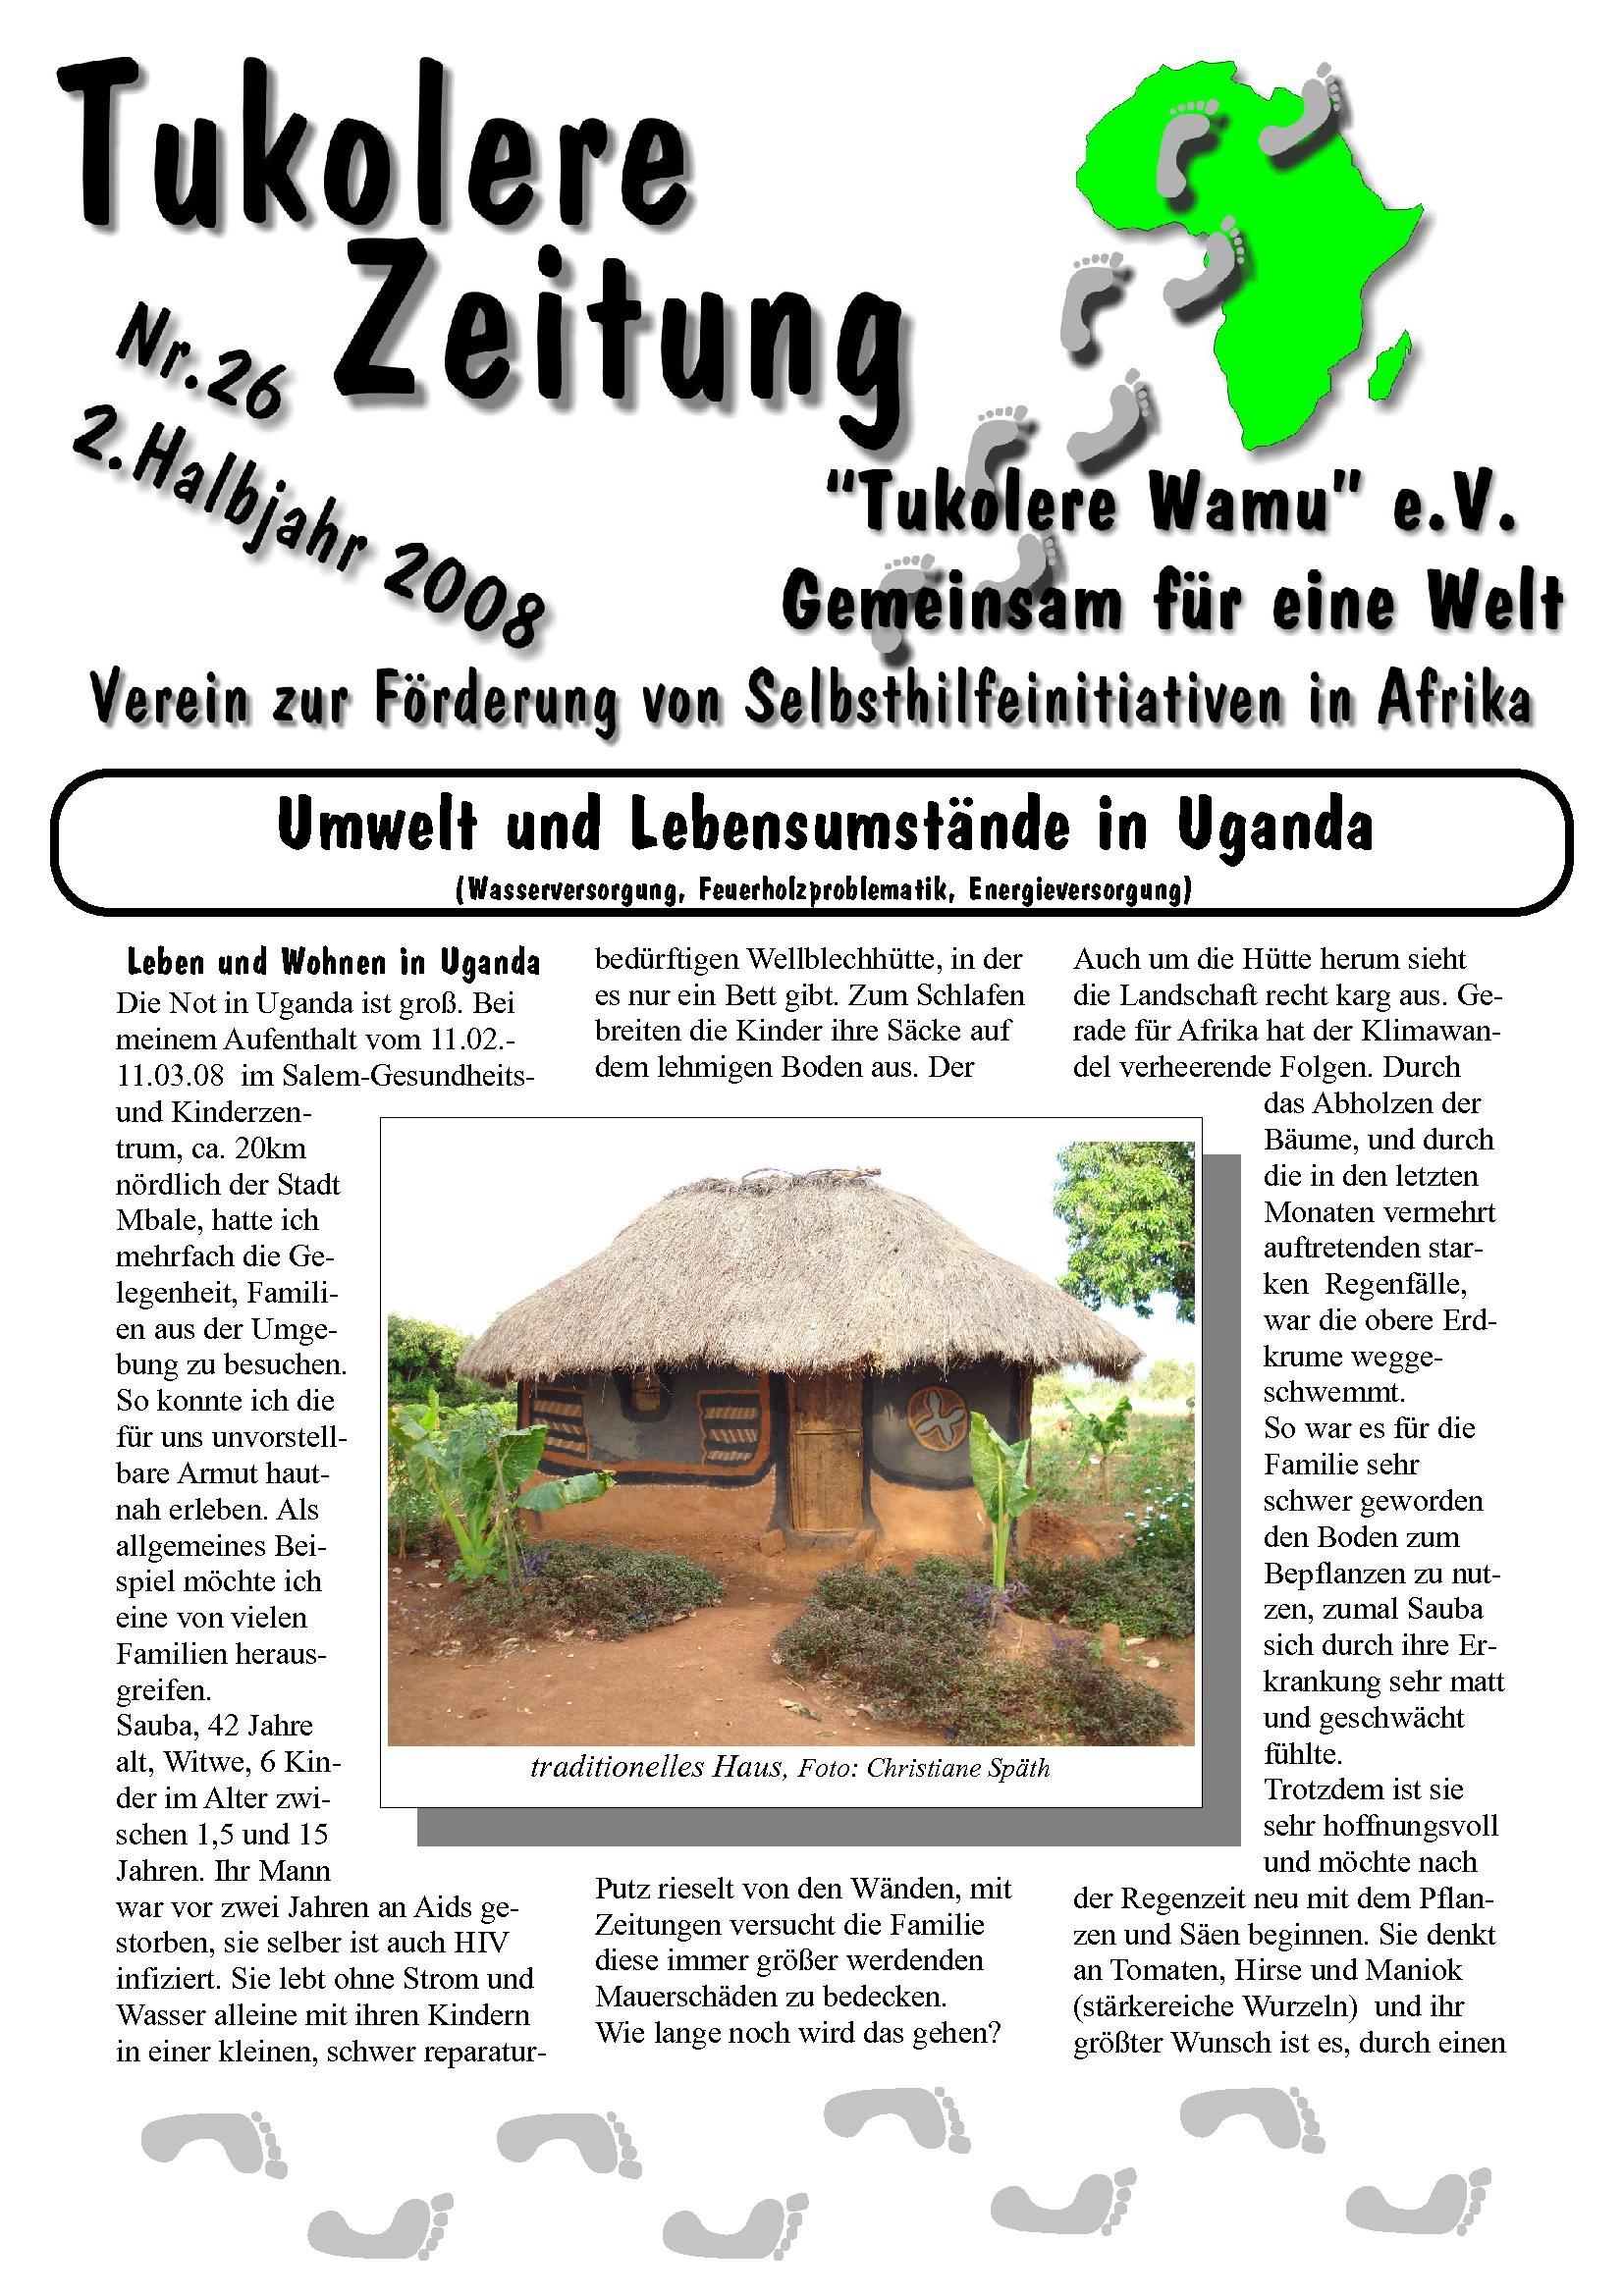 Tukolere-Zeitung_A26_Seite1